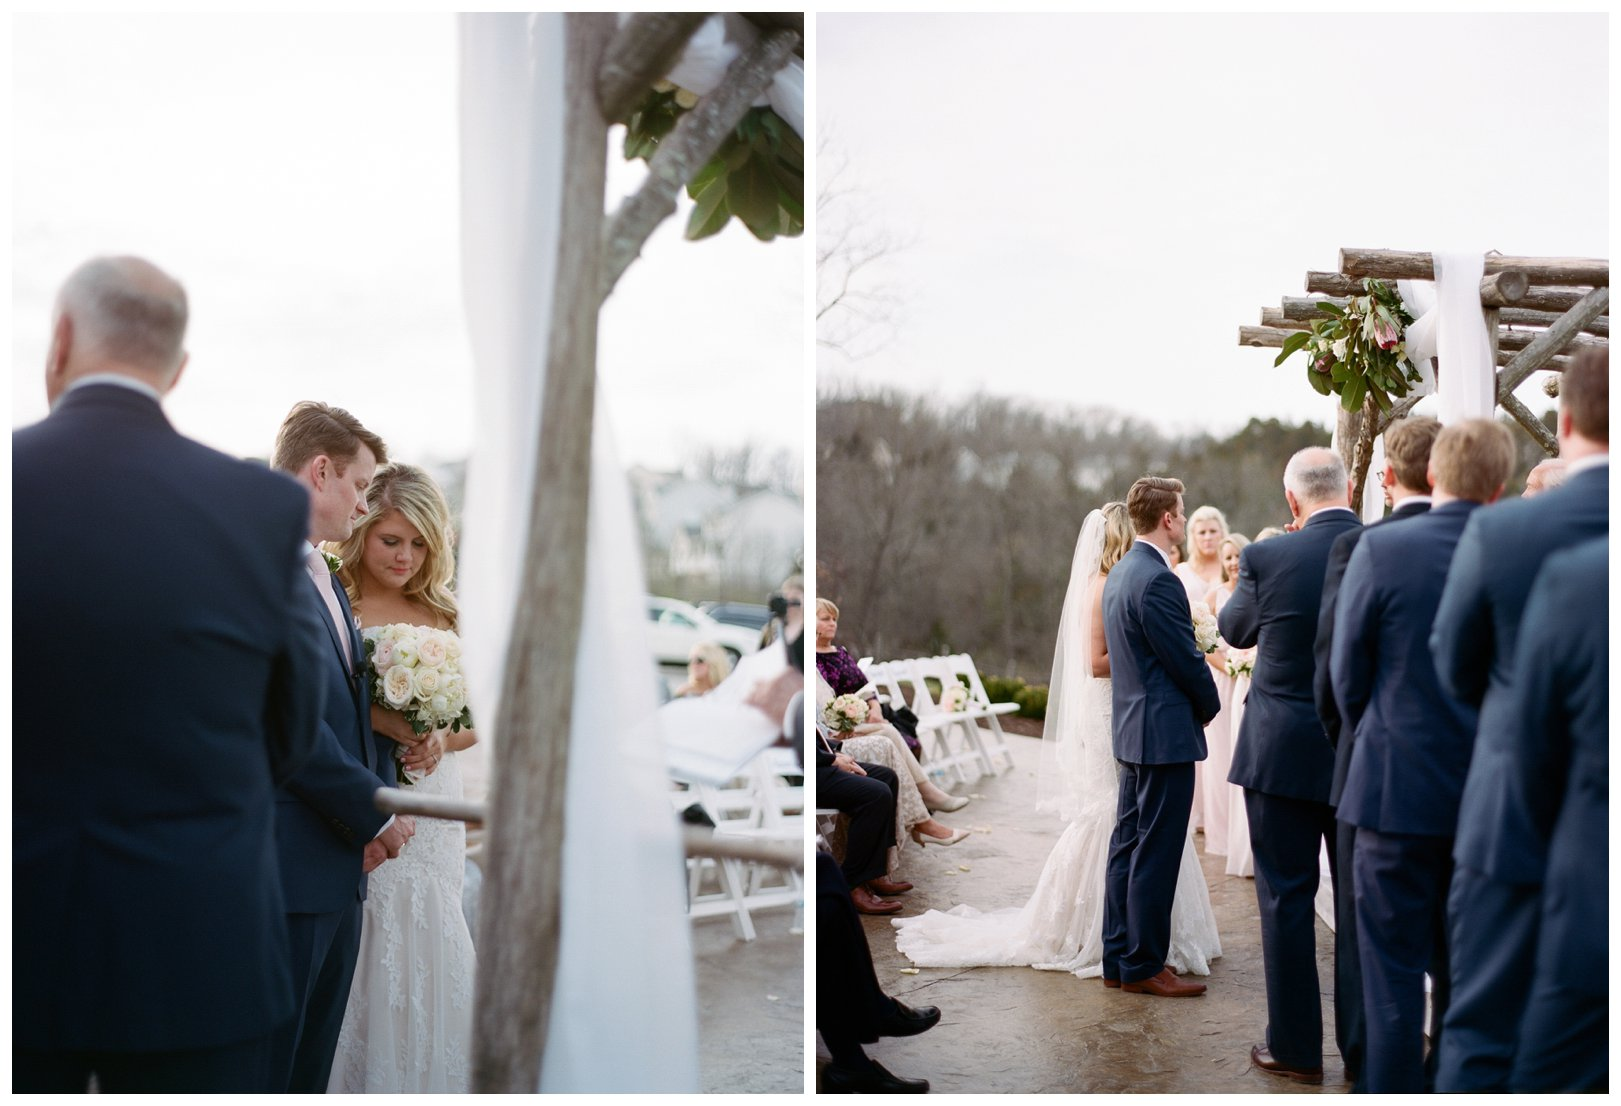 lauren muckler photography_fine art film wedding photography_st louis_photography_0986.jpg